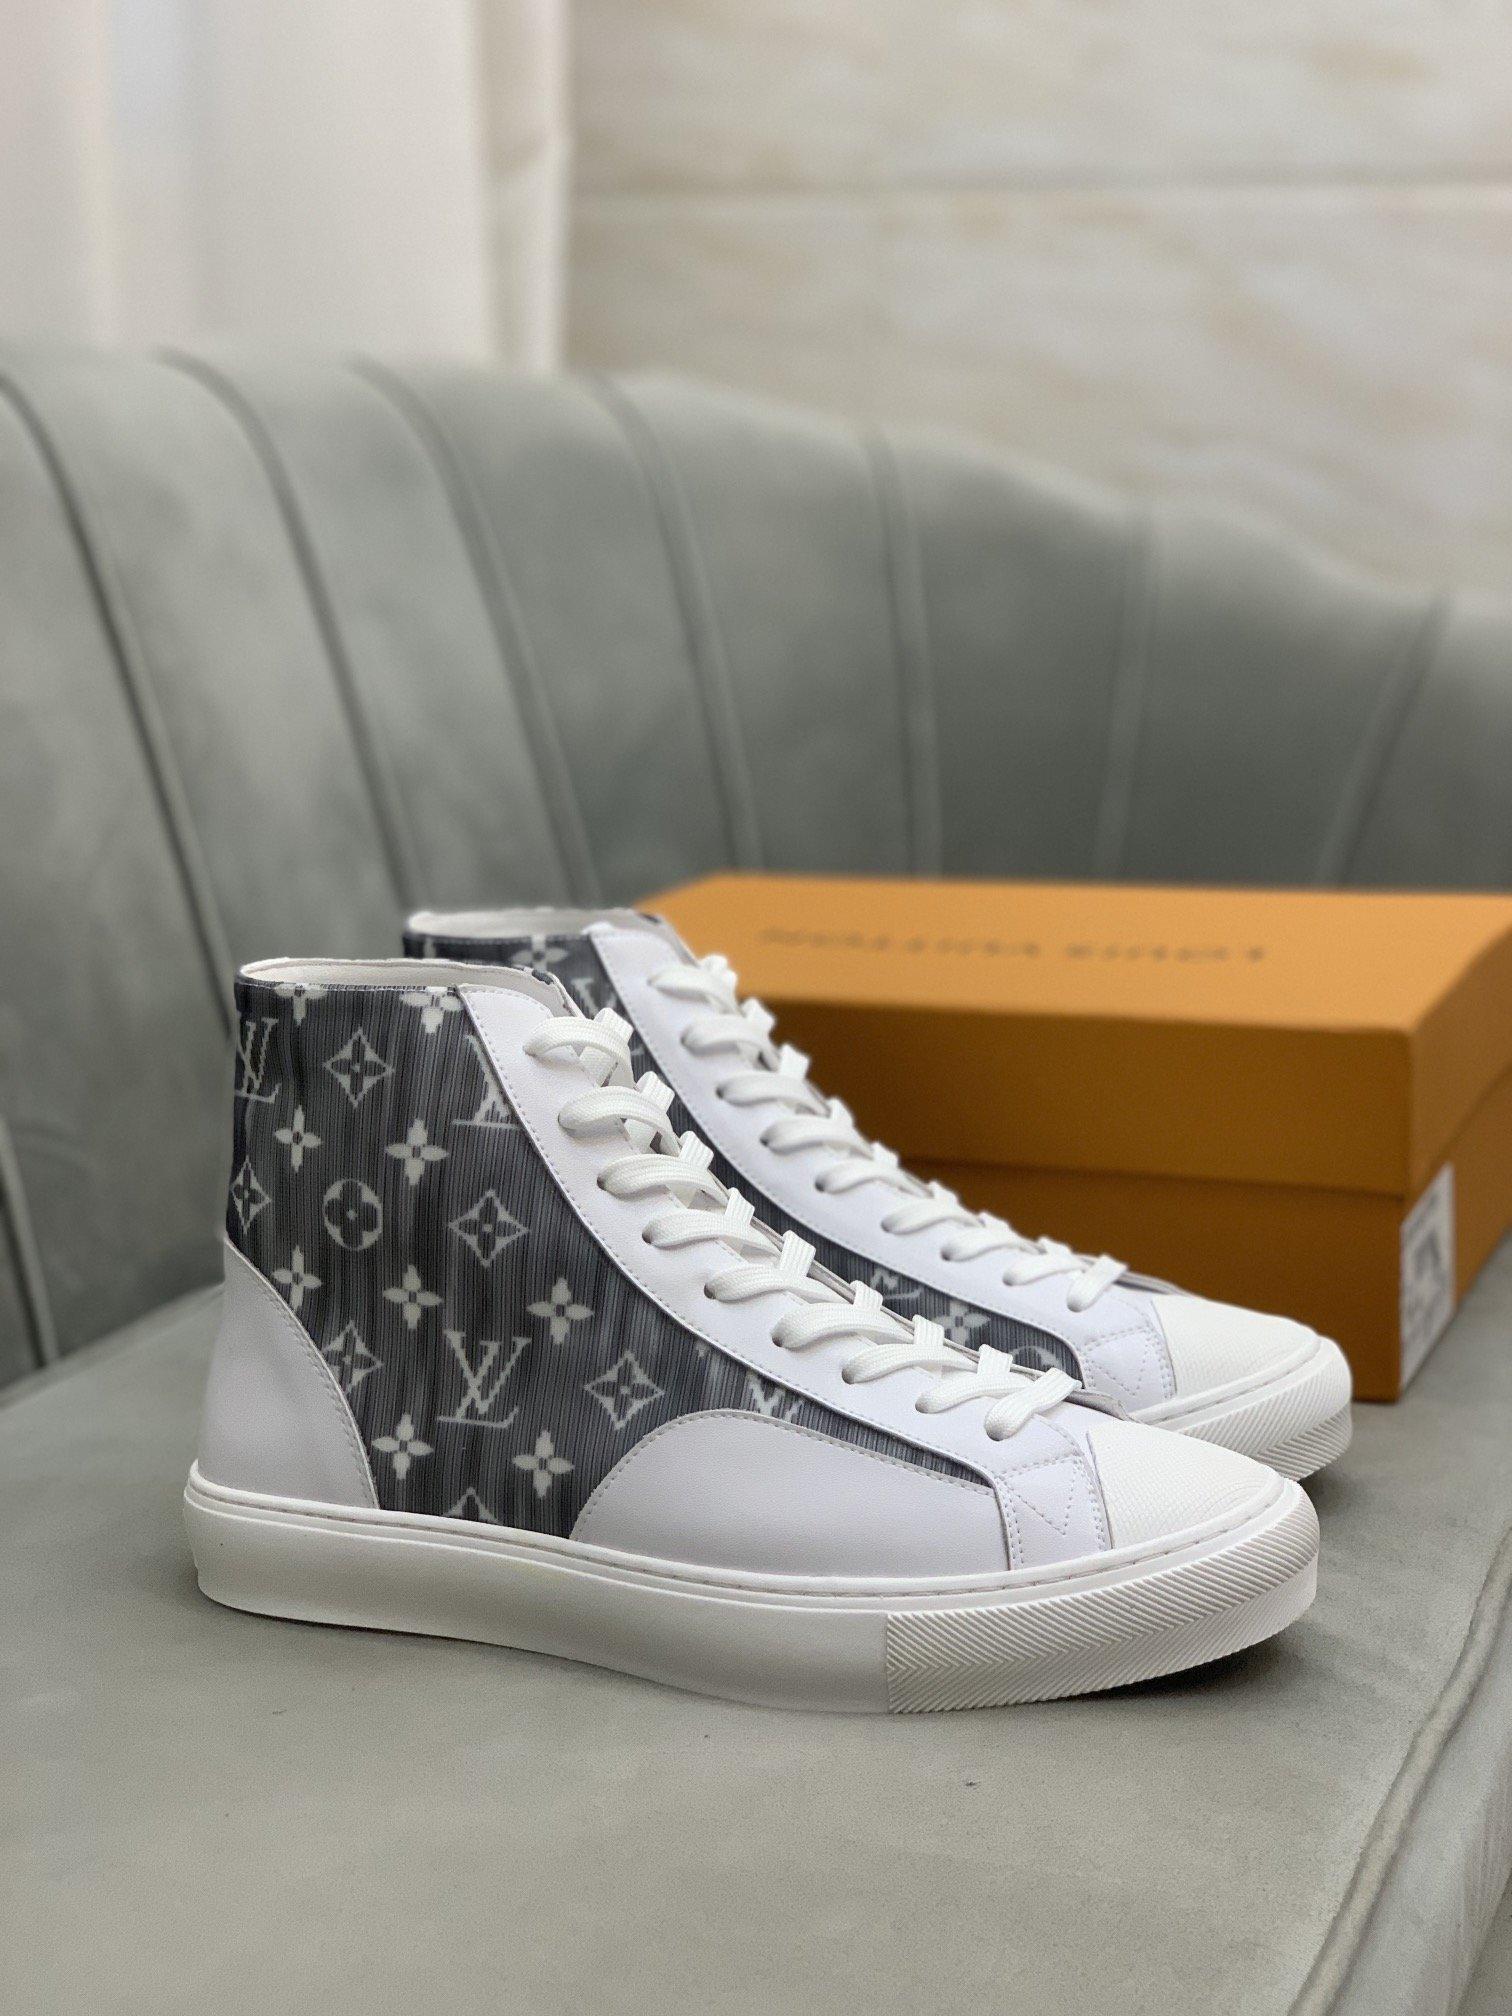 LV*路易威*高帮休闲鞋正码码数:3